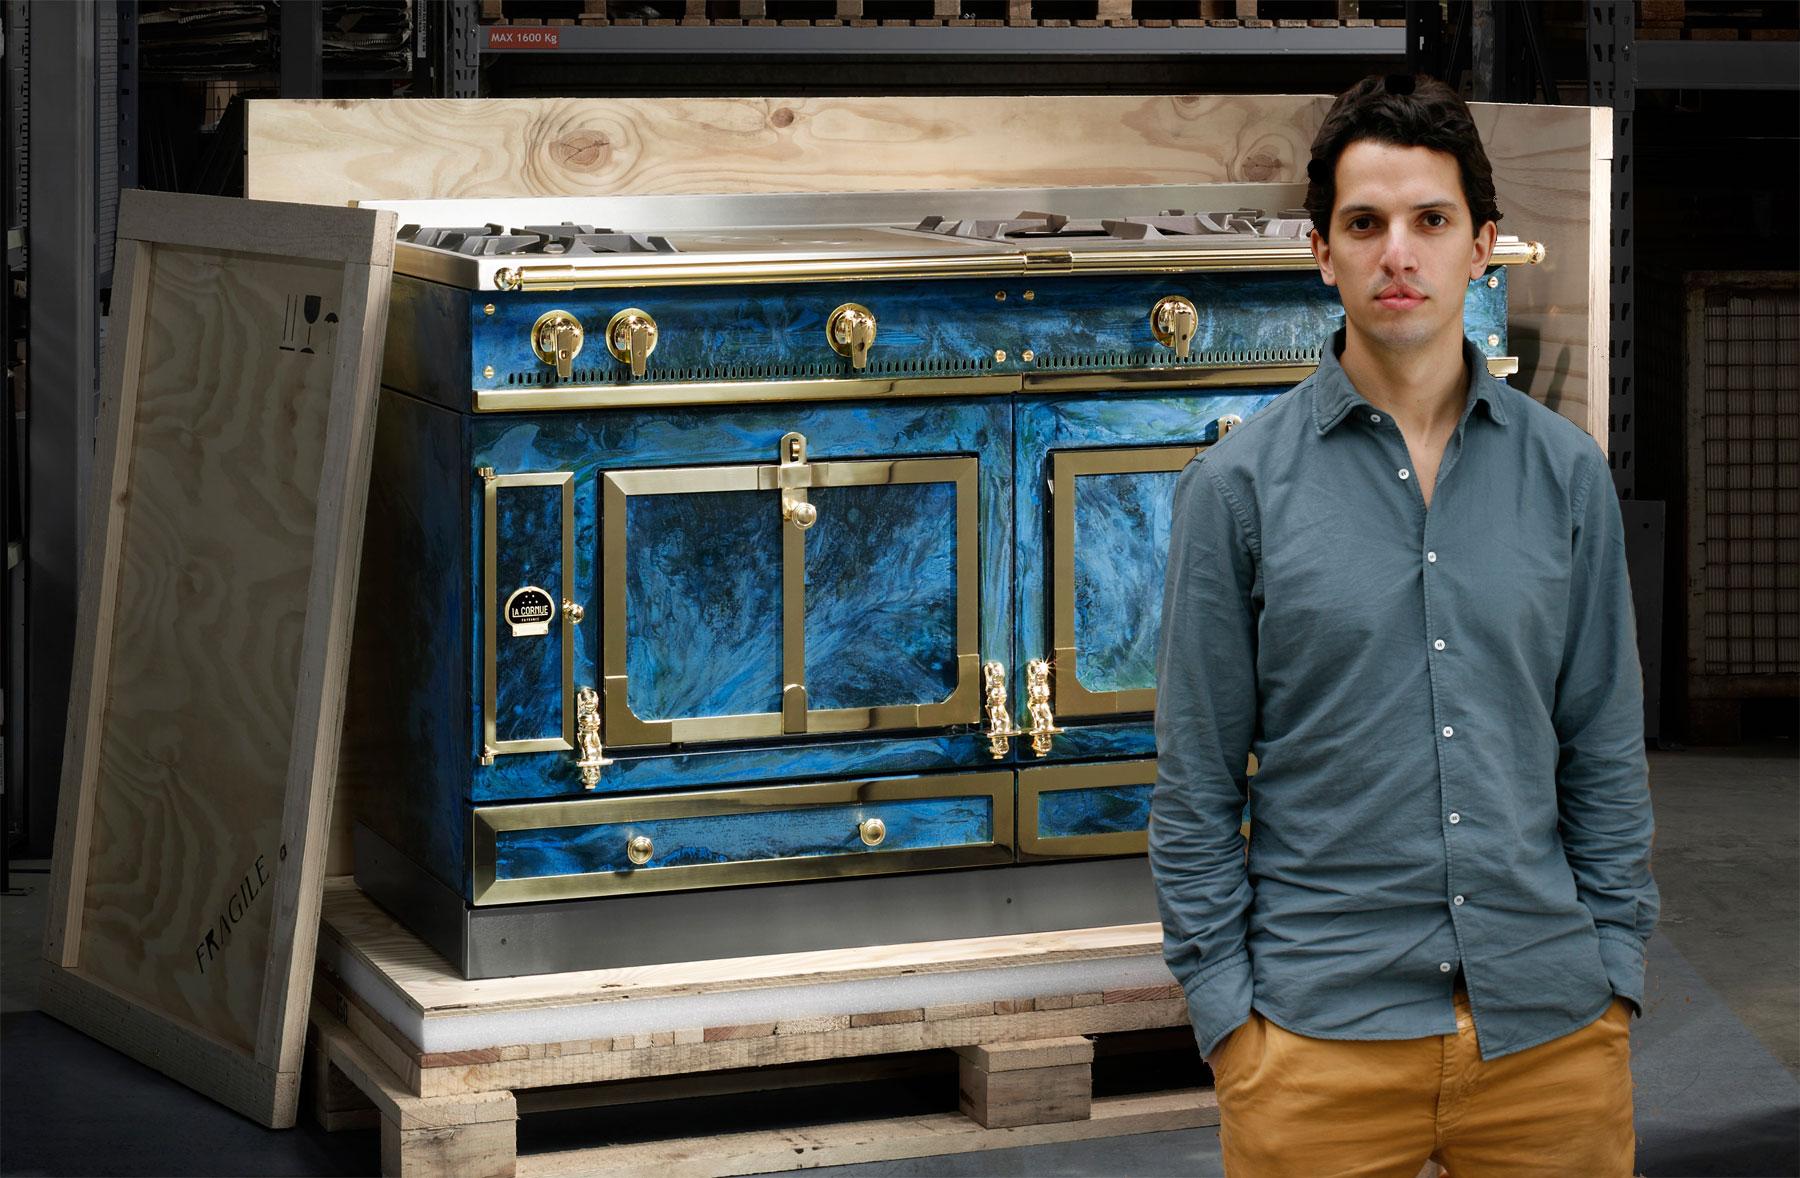 La Cornue Introduces An Artistic Touch With The Château 150 Lex Pott edition